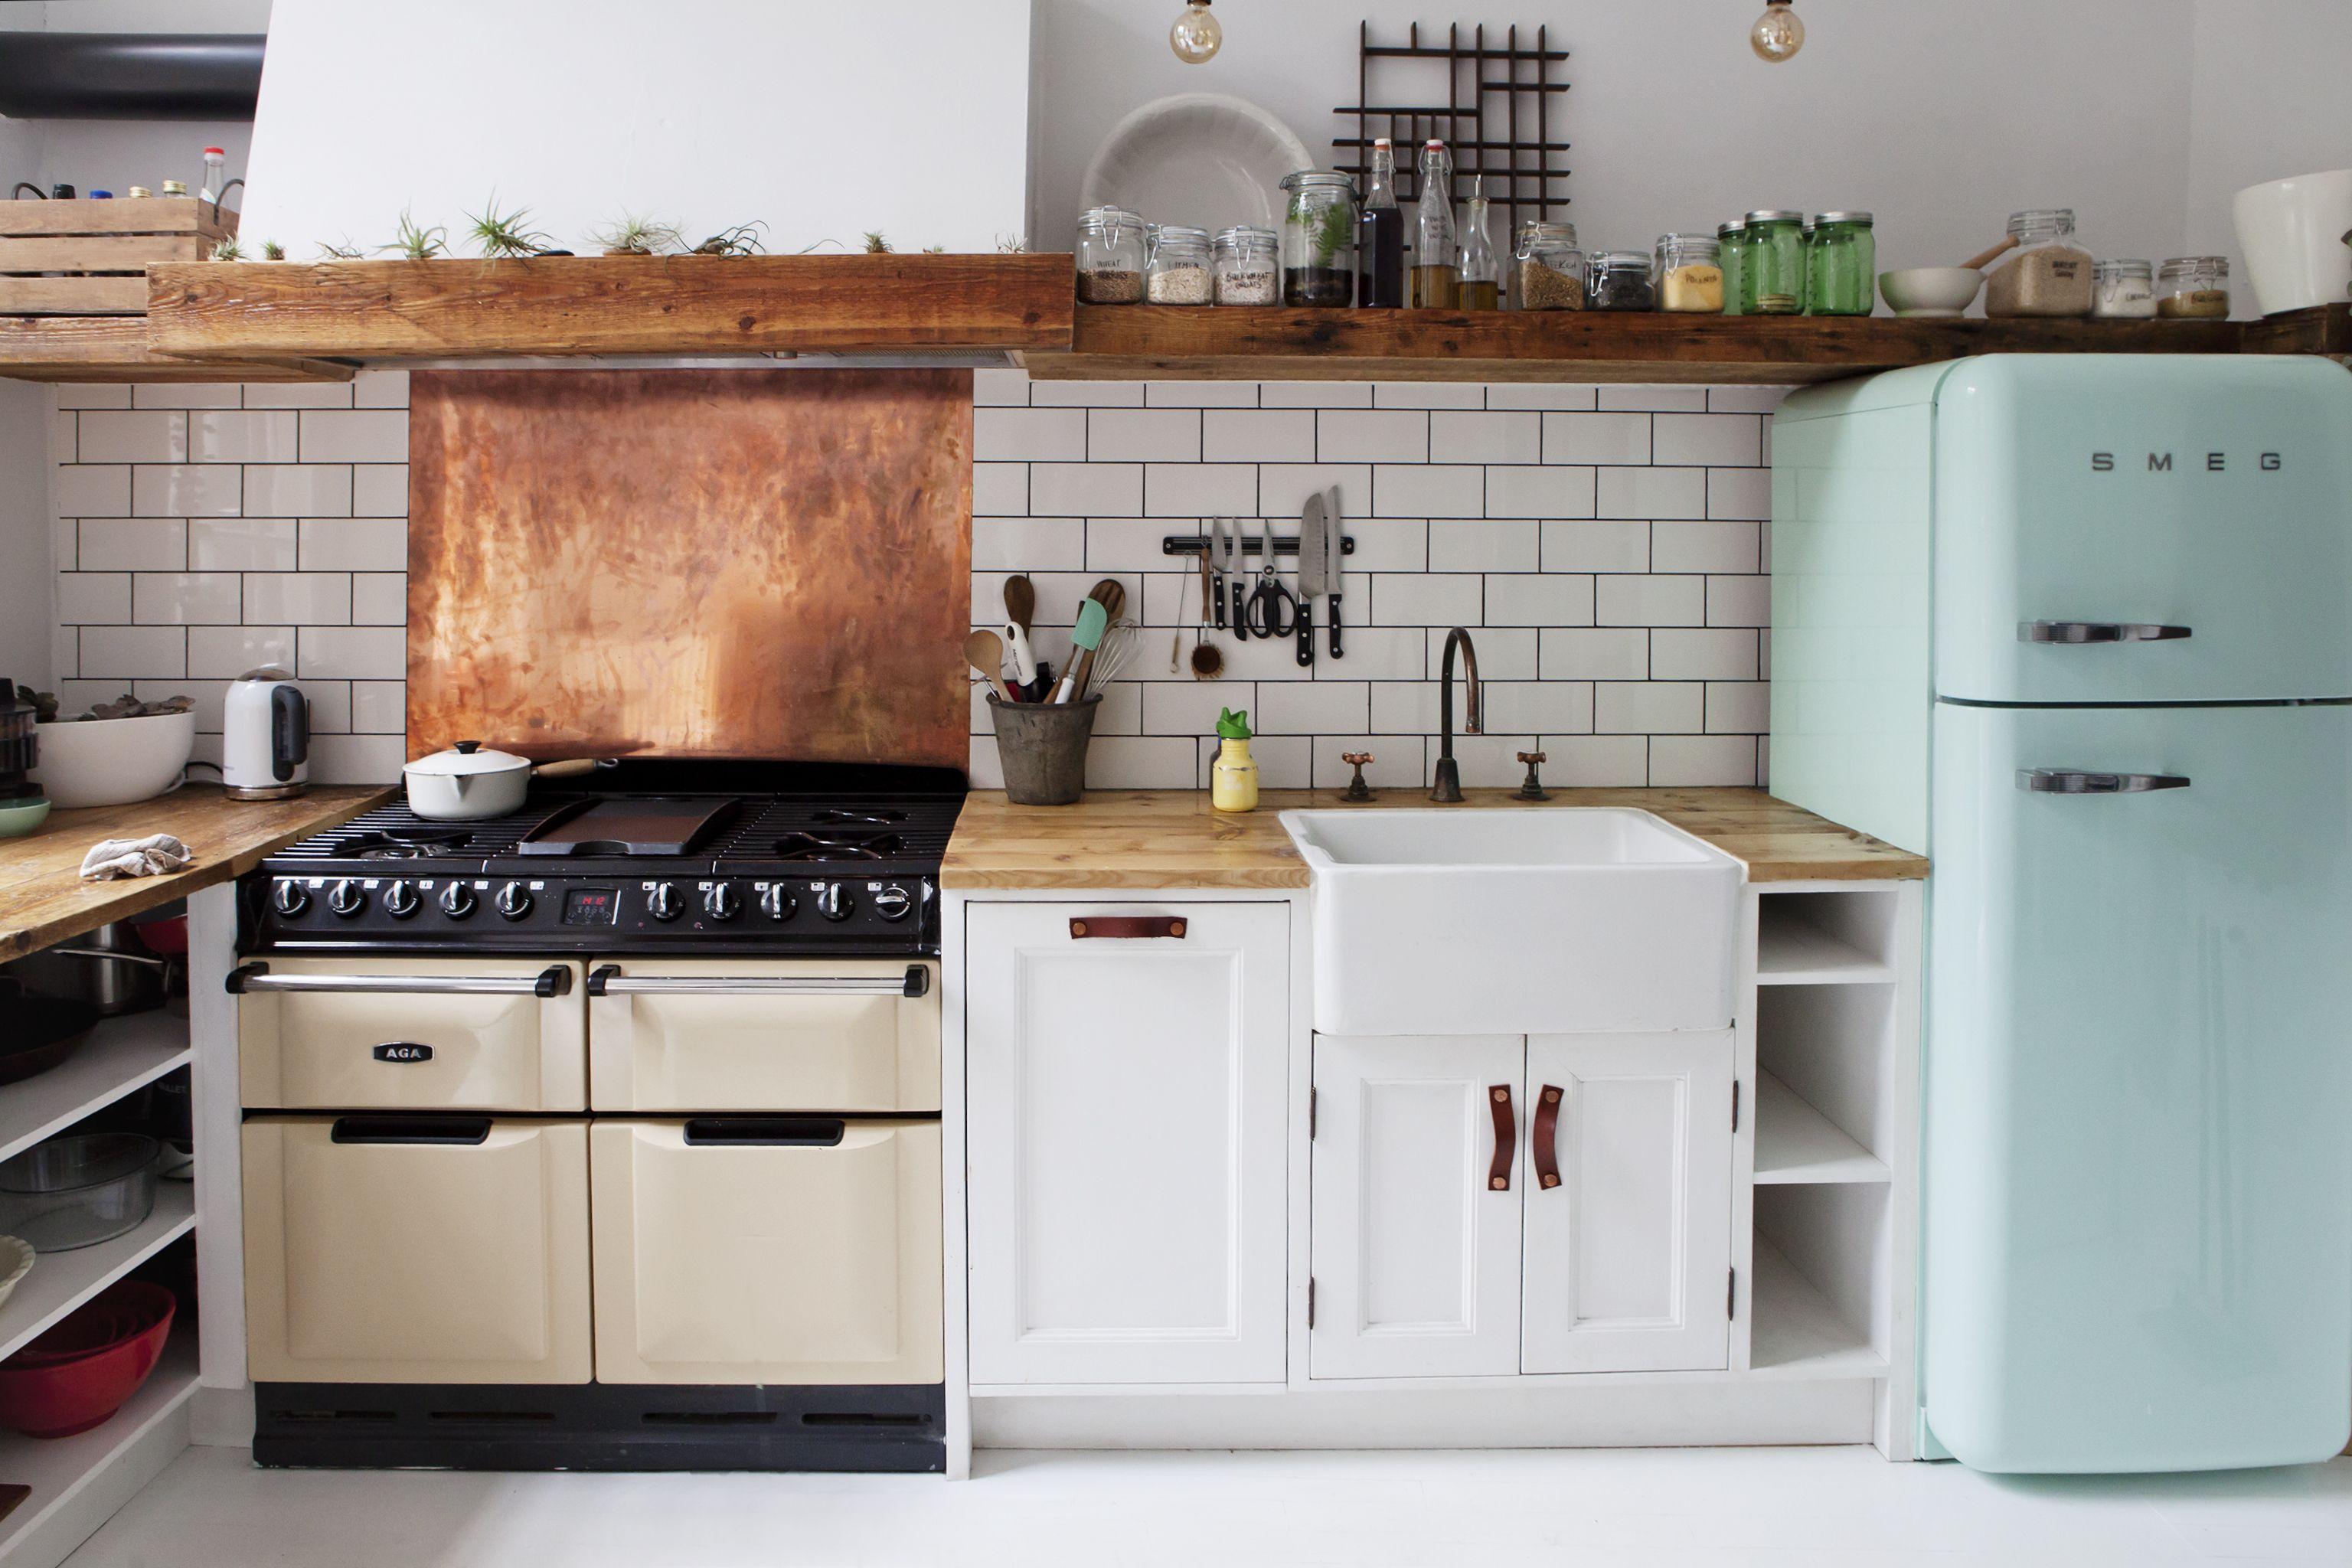 Smeg Kühlschrank Grün : Megabambi sieg kühlschrank mint grün küche